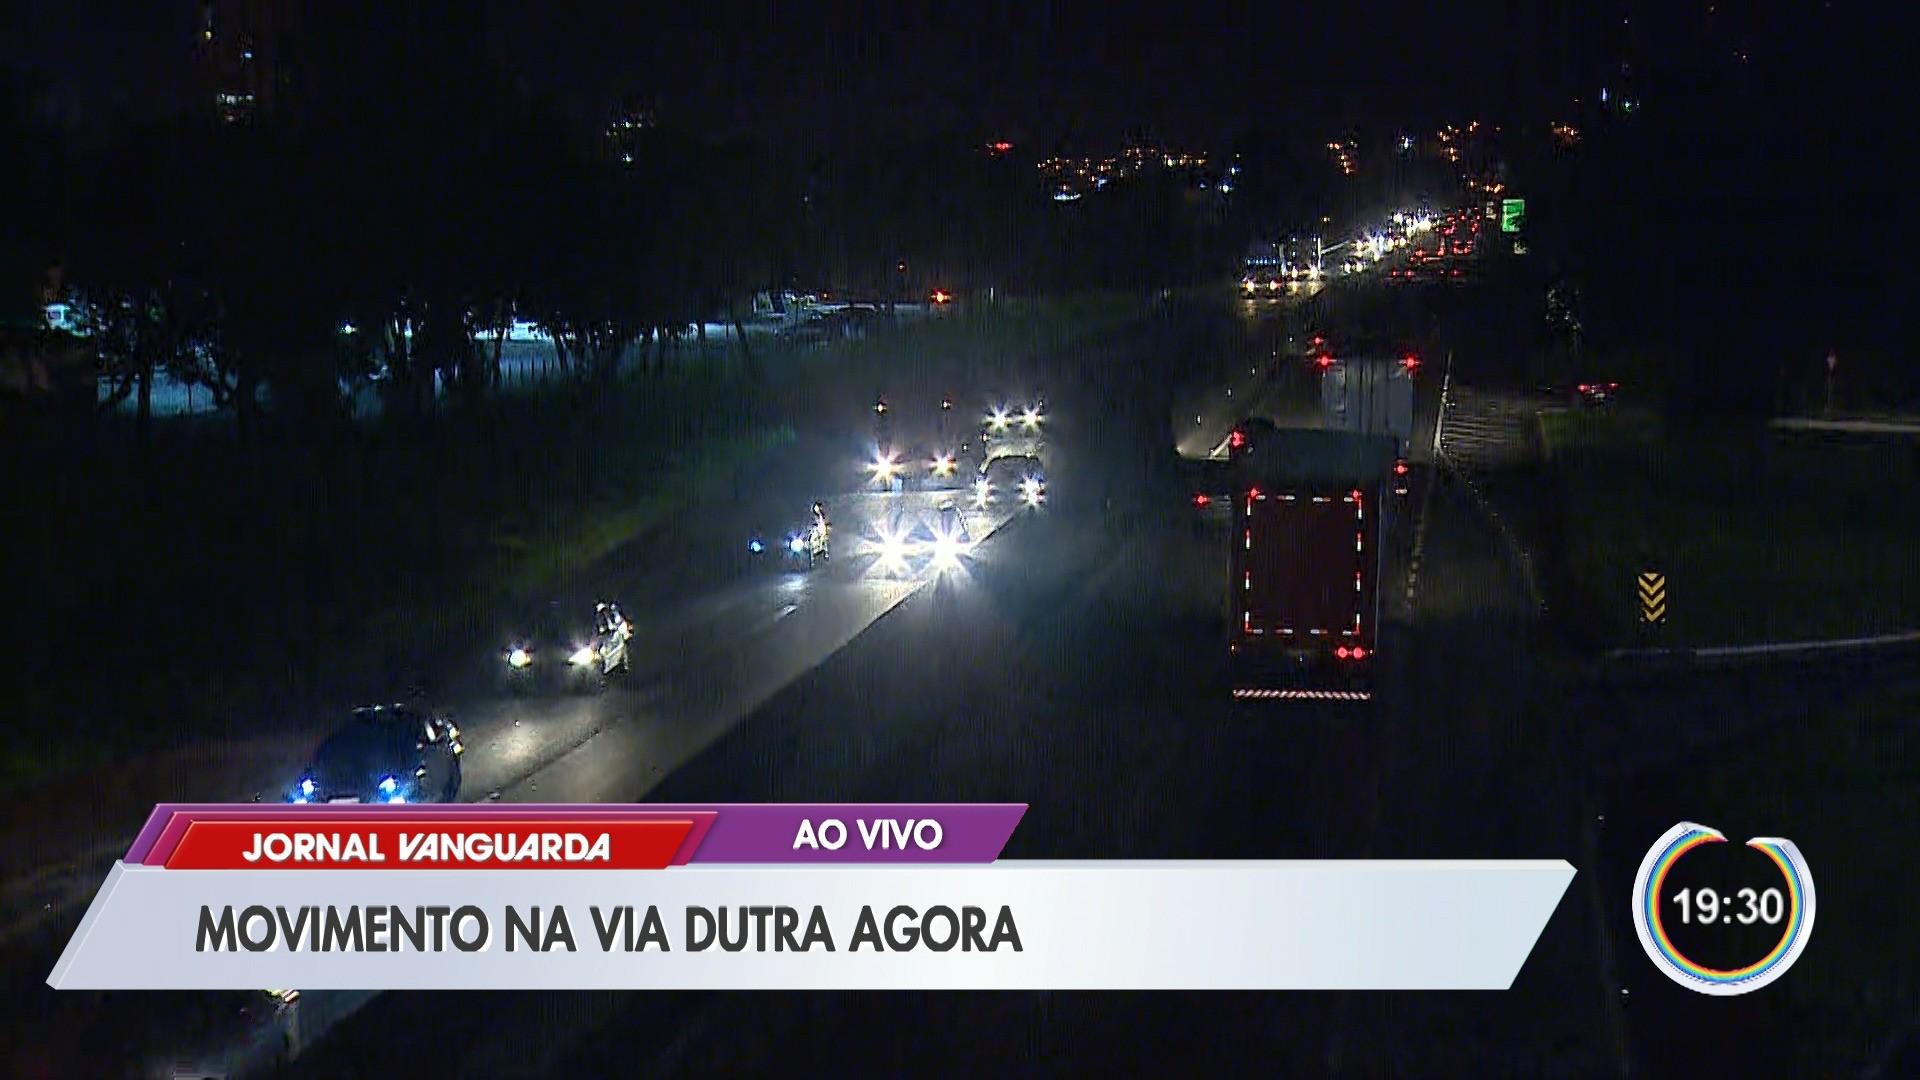 VÍDEO: Jornal Vanguarda de terça-feira, 28 de janeiro